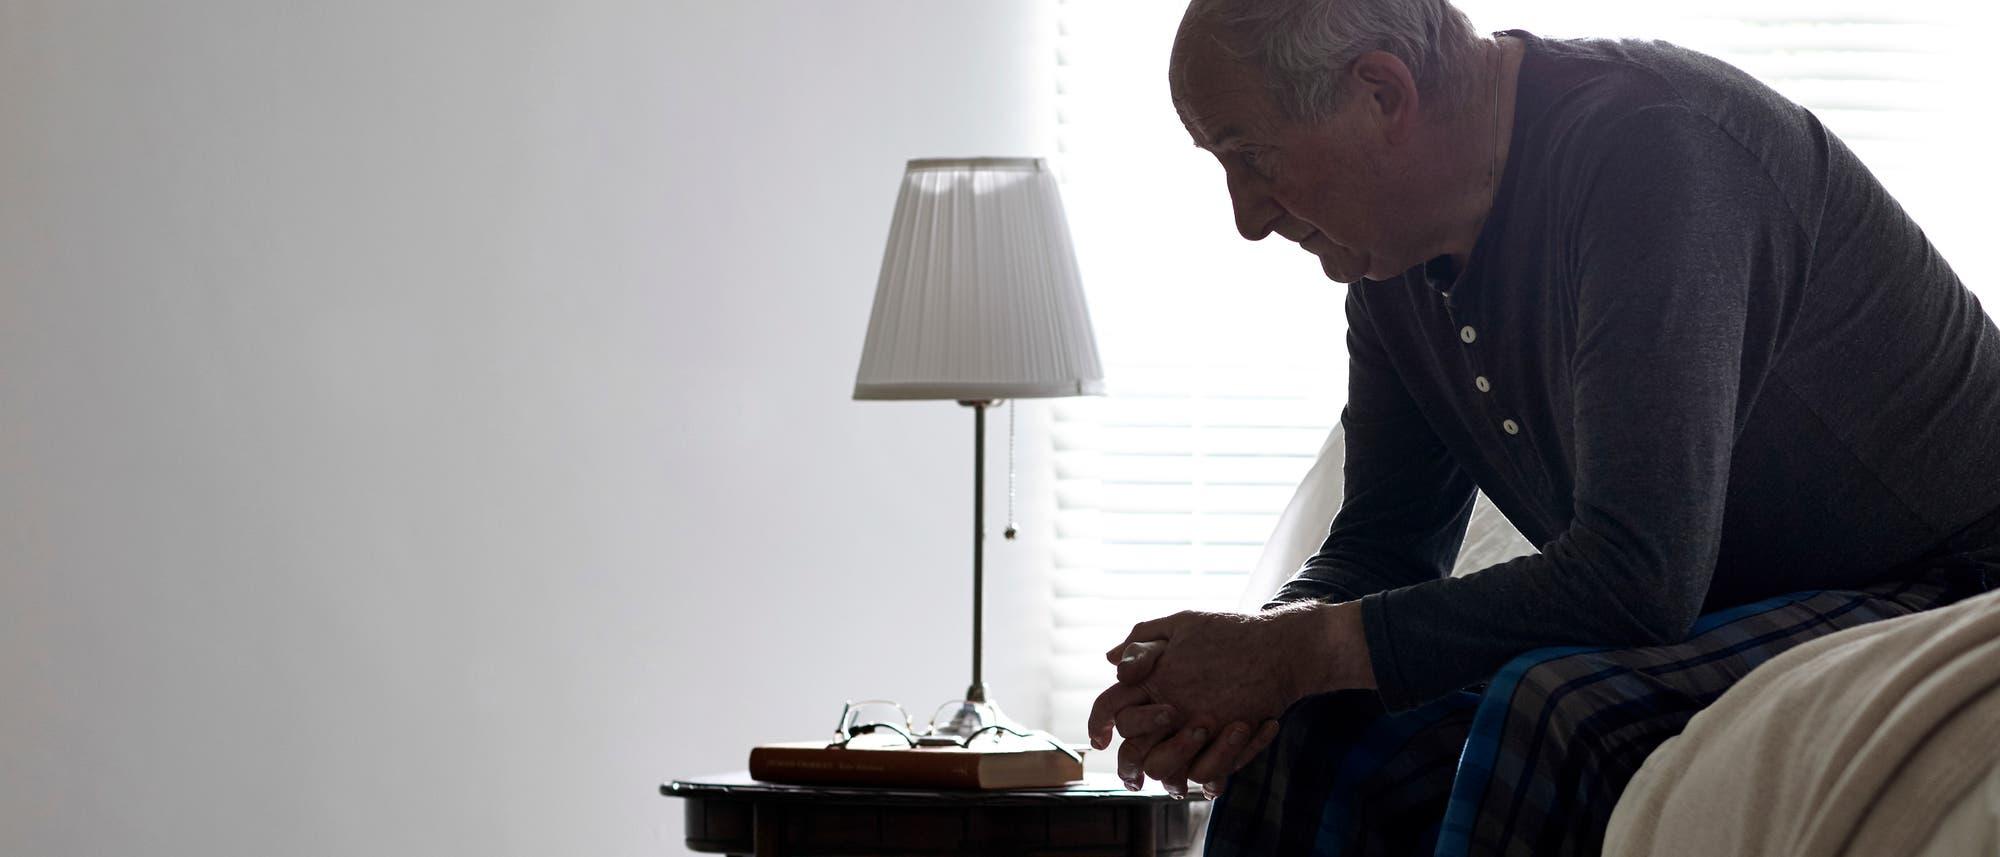 Ein Mann sitzt gekrümmt auf dem Sofa